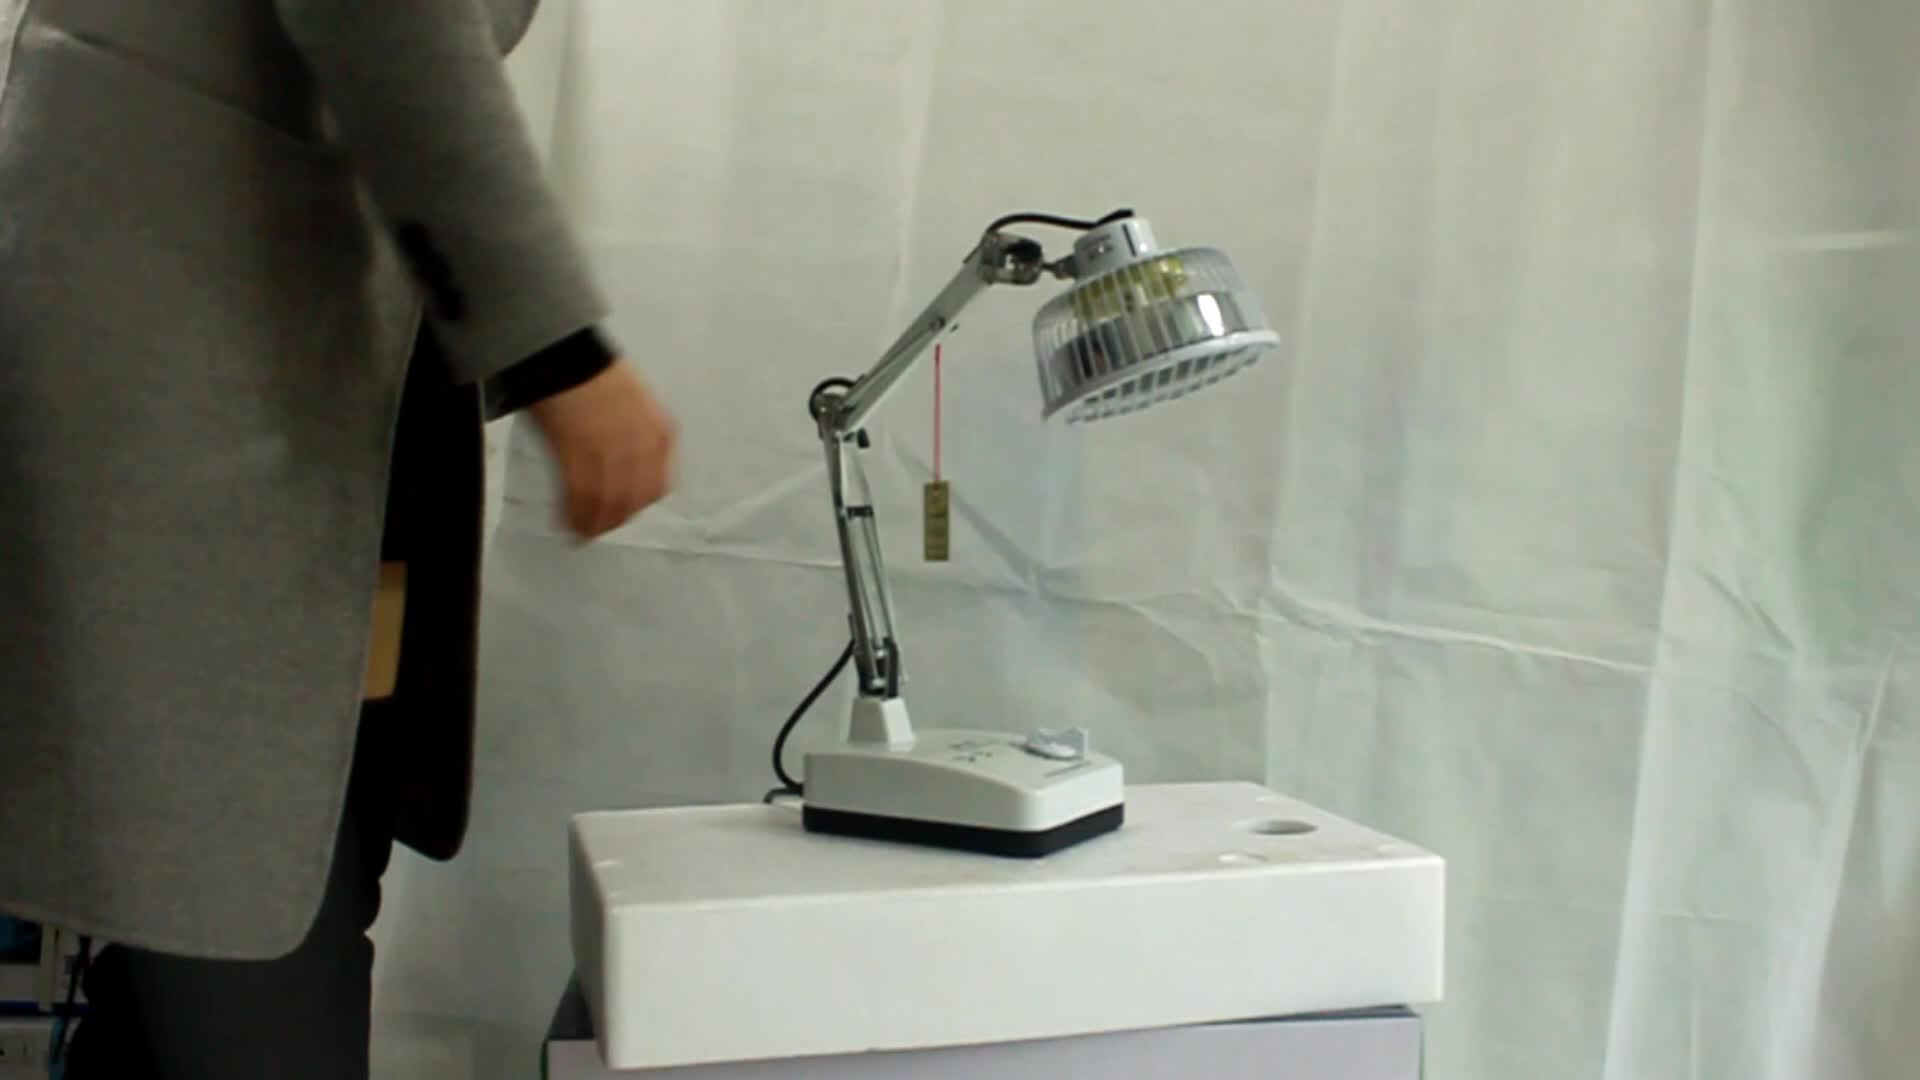 Riscaldamento a raggi infrarossi Della Lampada Della Luce Rossa Terapia TDP con Medico CE Approvato per la Terapia Trattamento Muscolo Comune alleviare il mal di Schiena